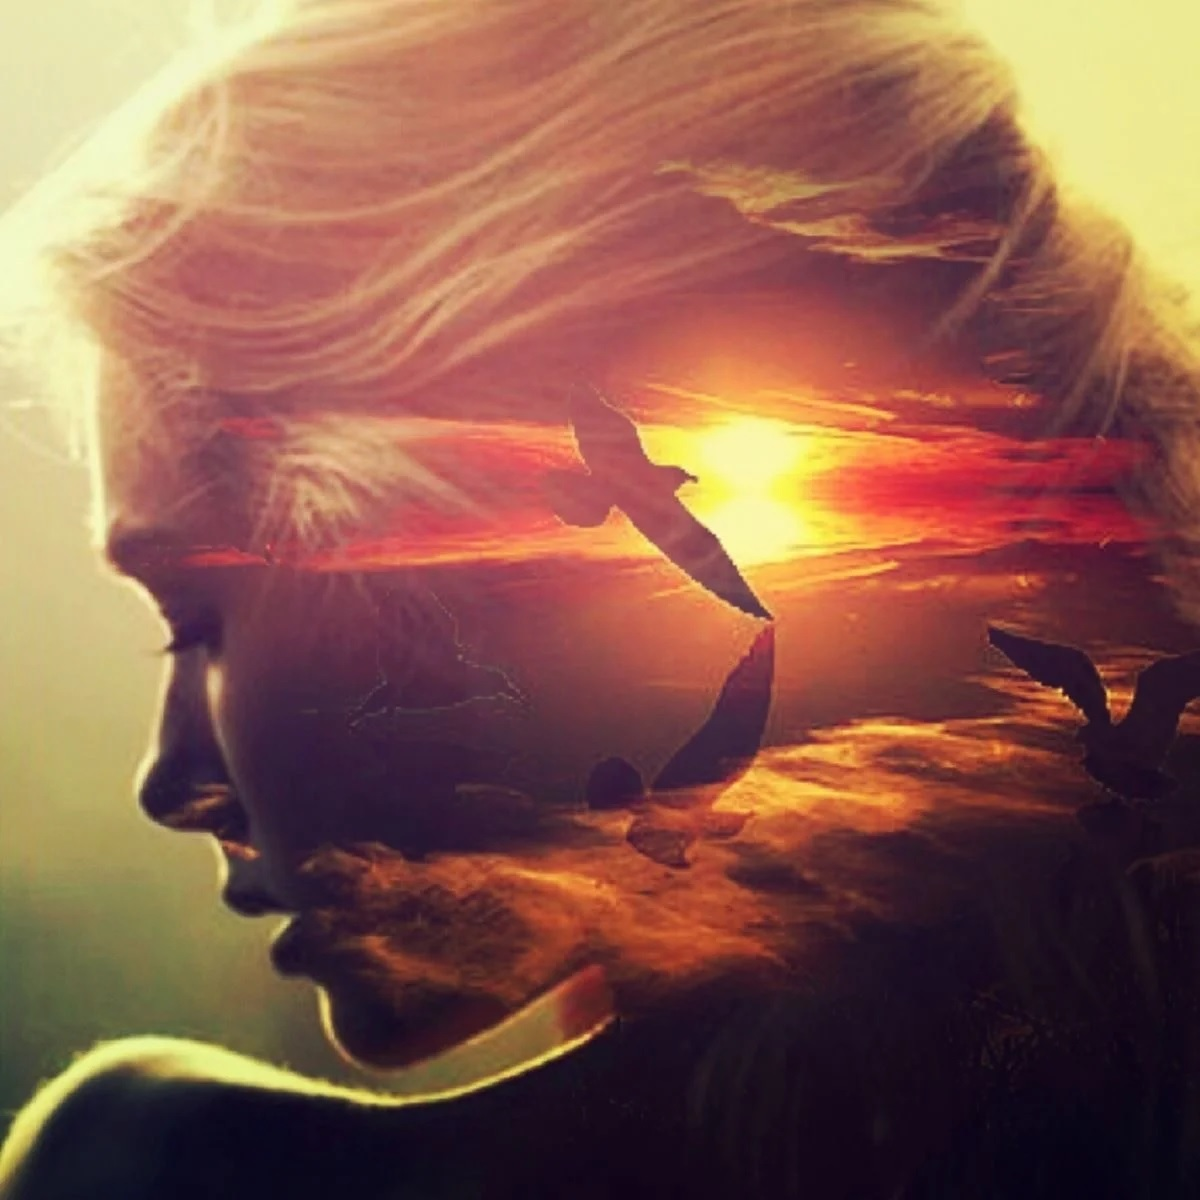 Просветление и боль или боль как показатель движения Выше по лестнице Духовного развития